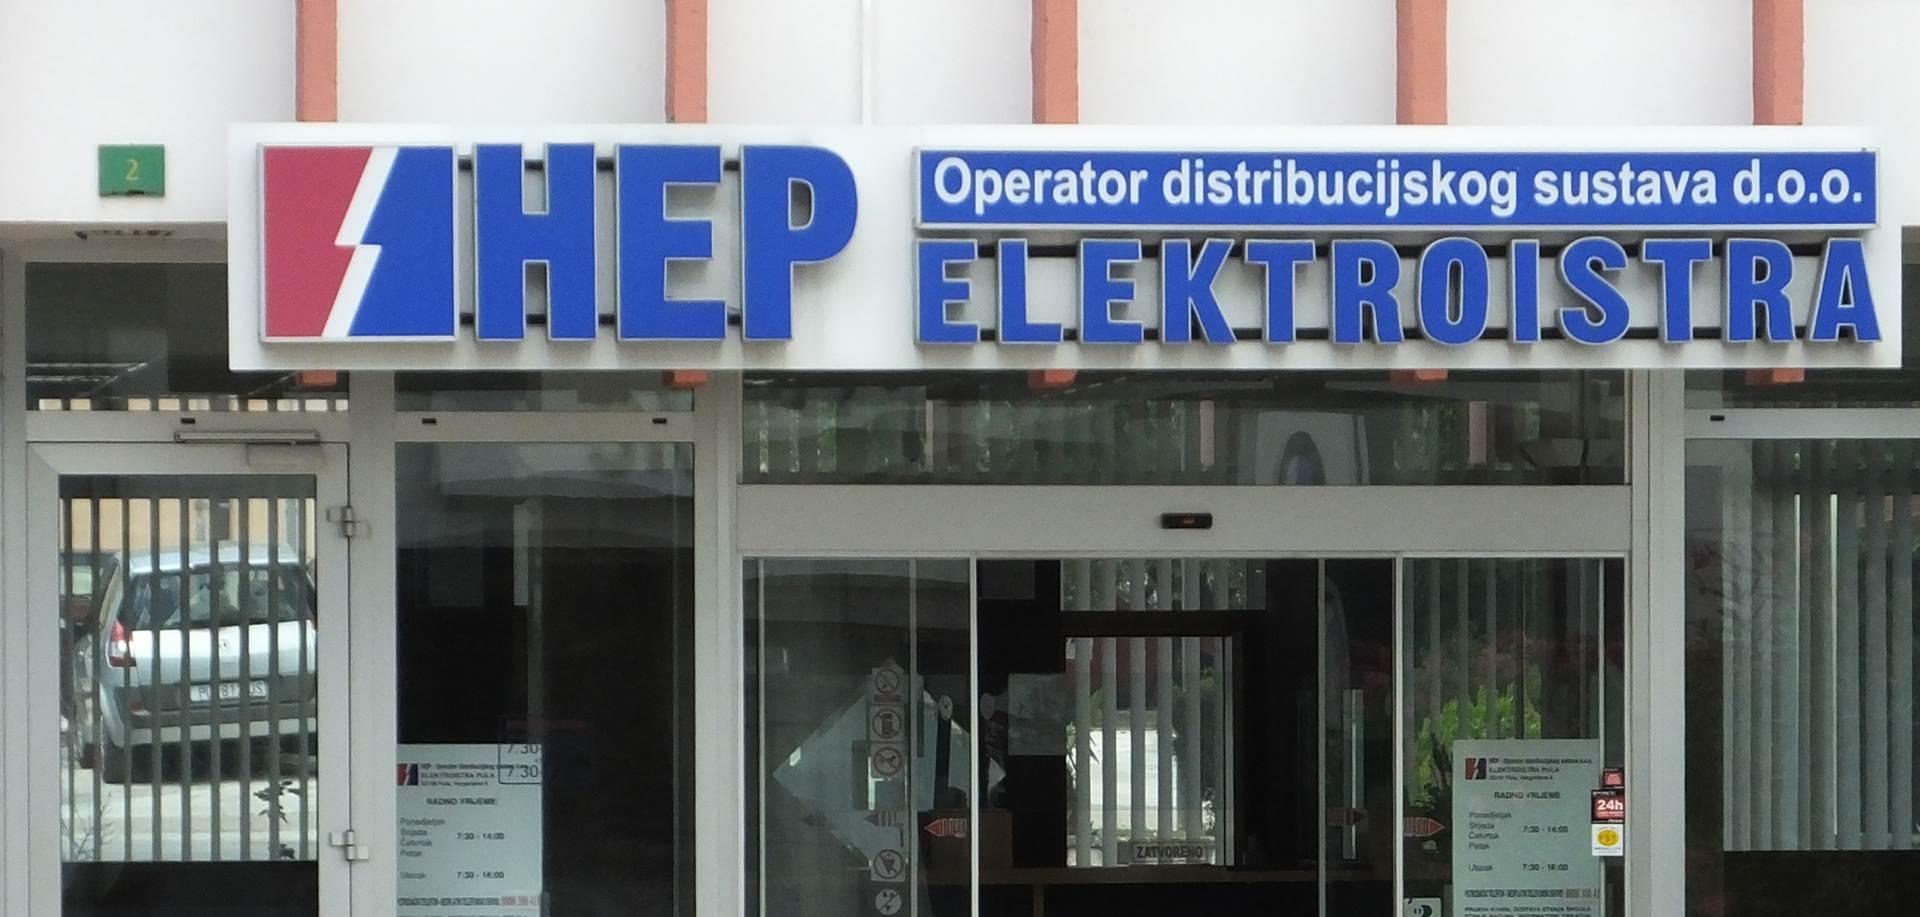 HEP: cijena električne energije neće se mijenjati